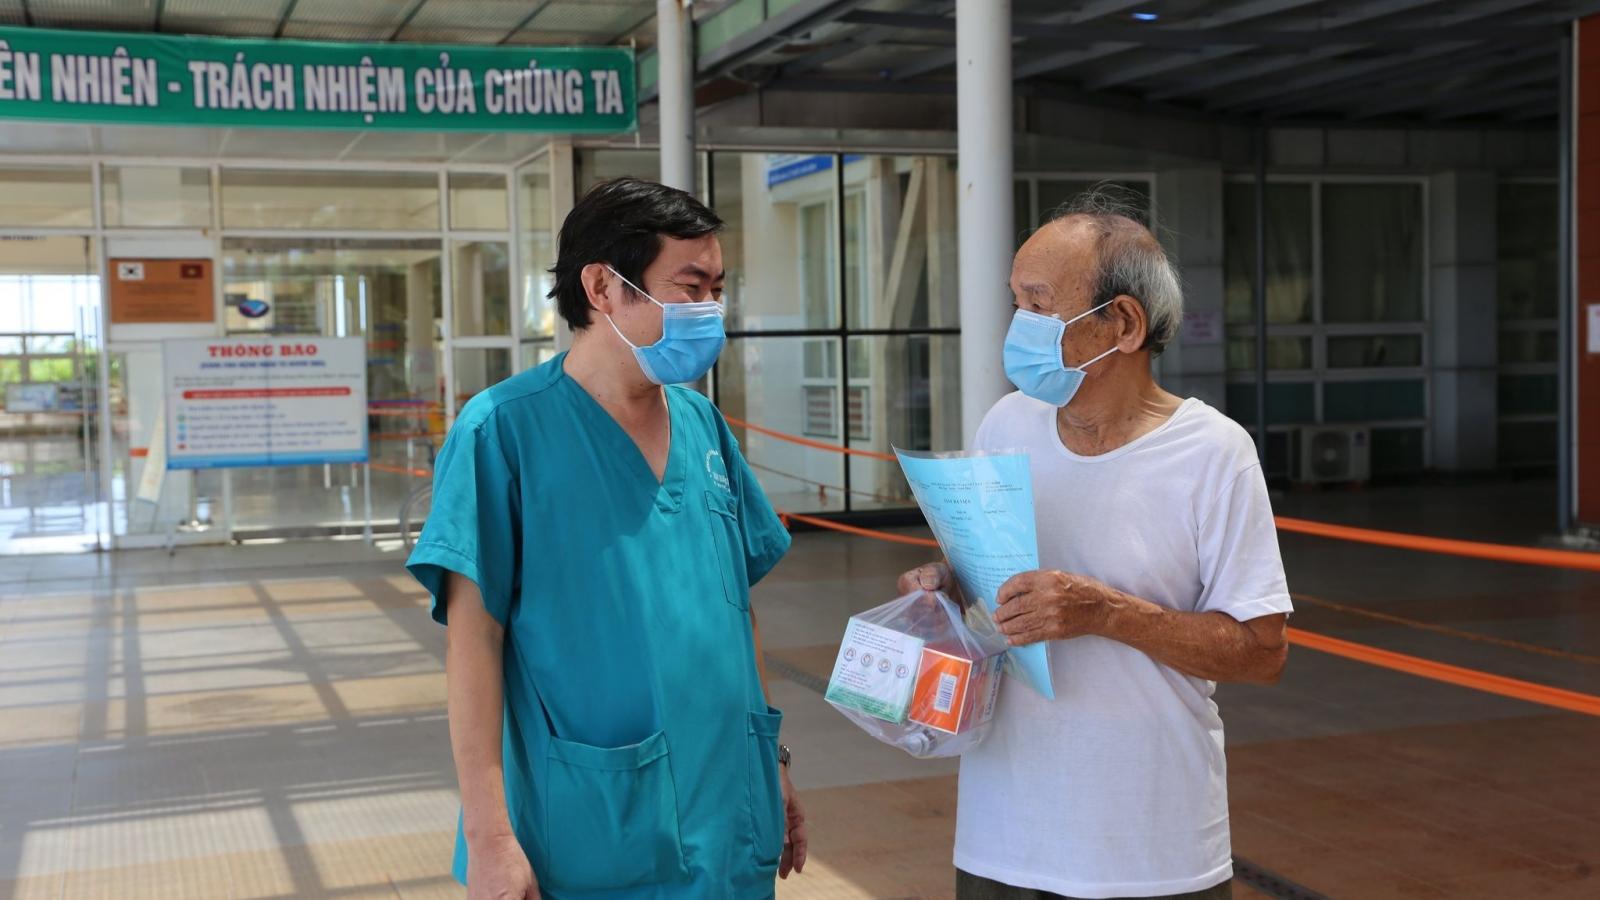 Nhân viên Trung tâm Kiểm soát bệnh tật Quảng Nam từng mắc Covid-19 được xuất viện